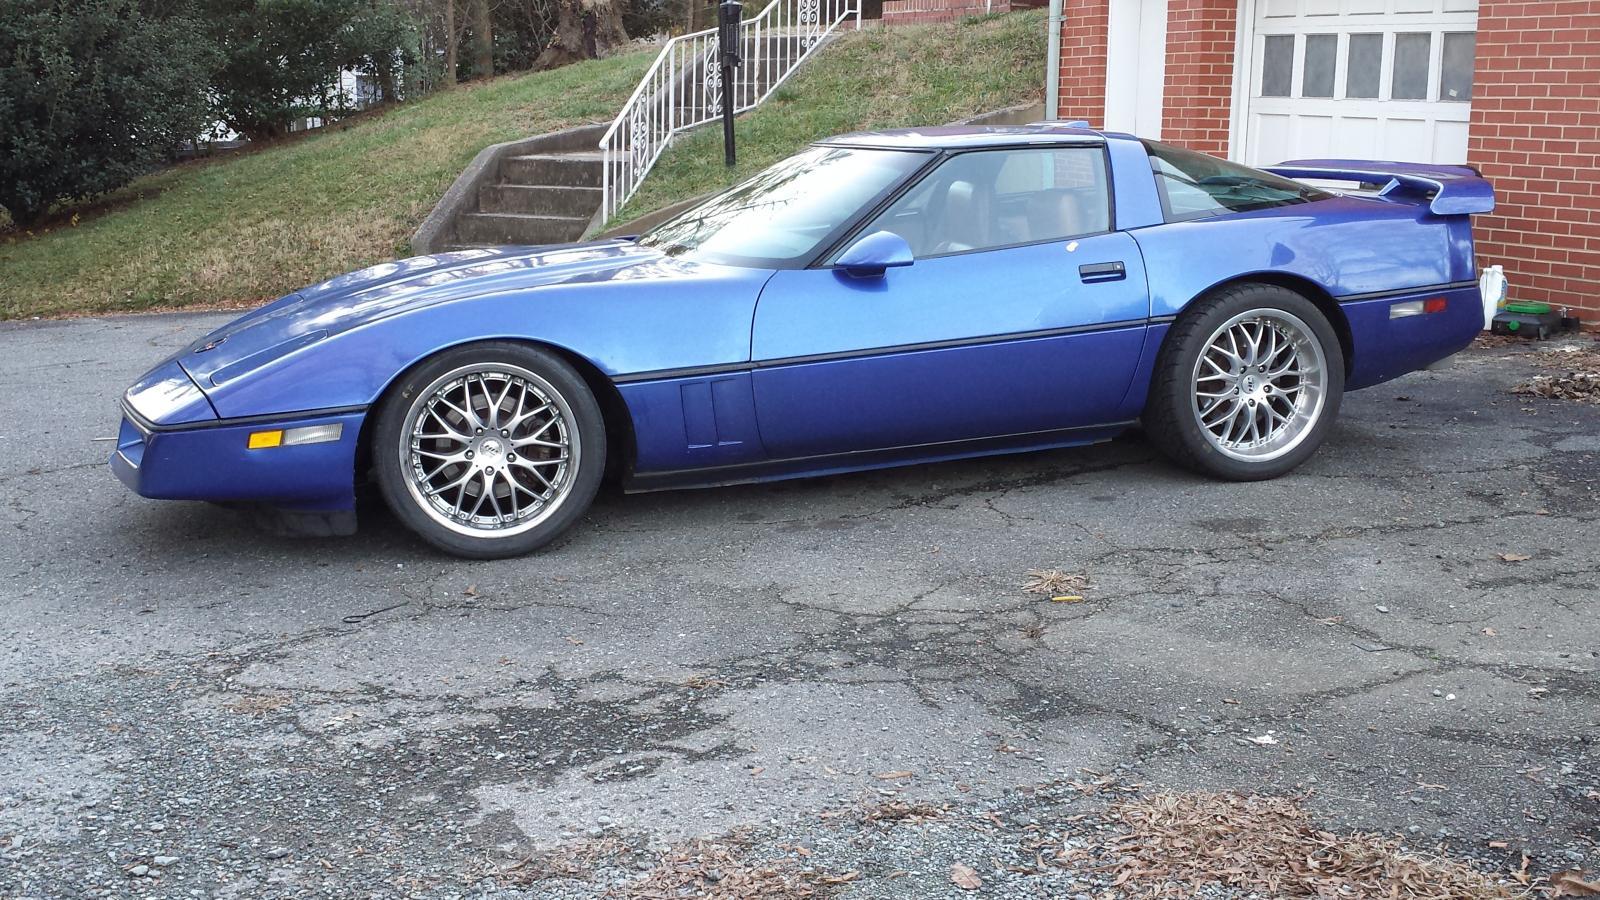 C4 Corvette build